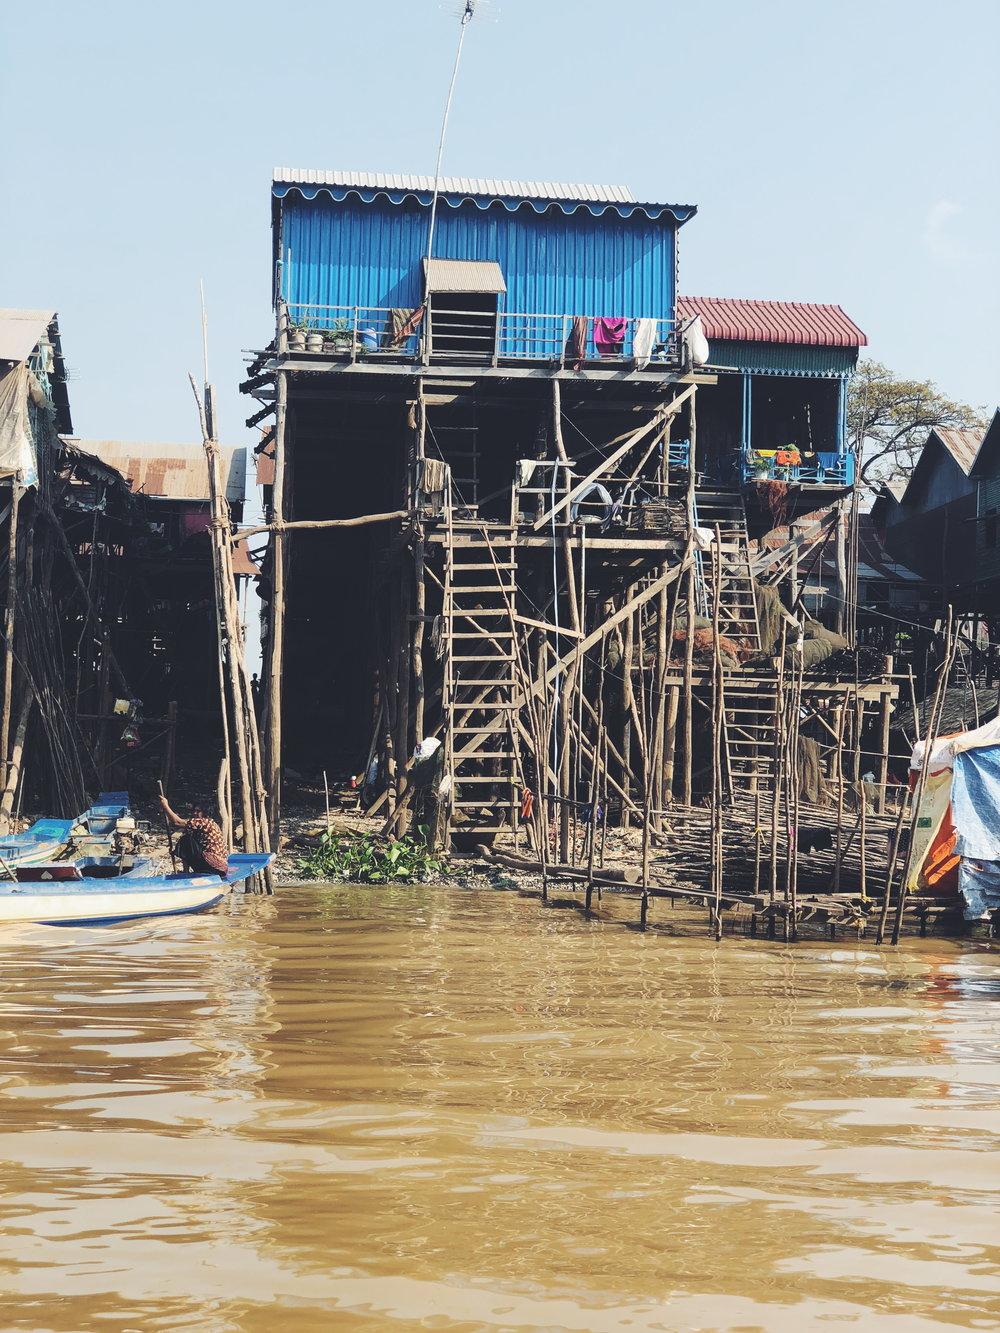 Floating Village of Tonle Sap